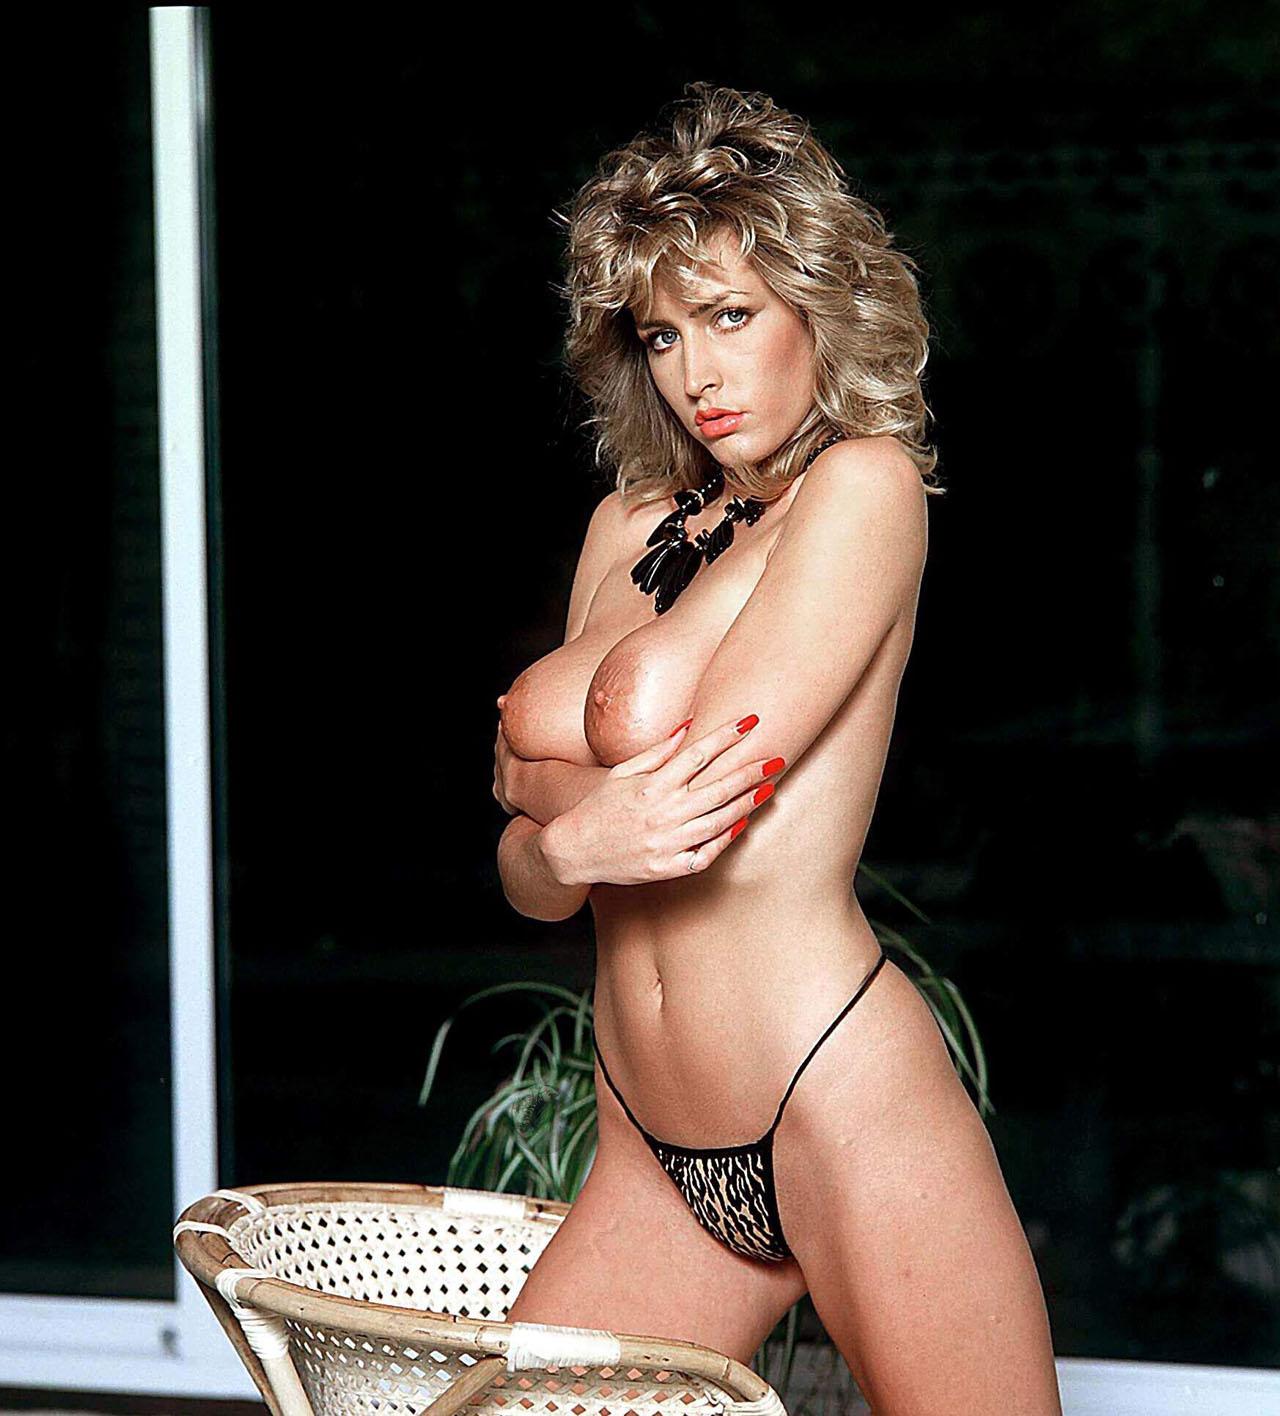 Смотреть порно heather brooke 17 фотография